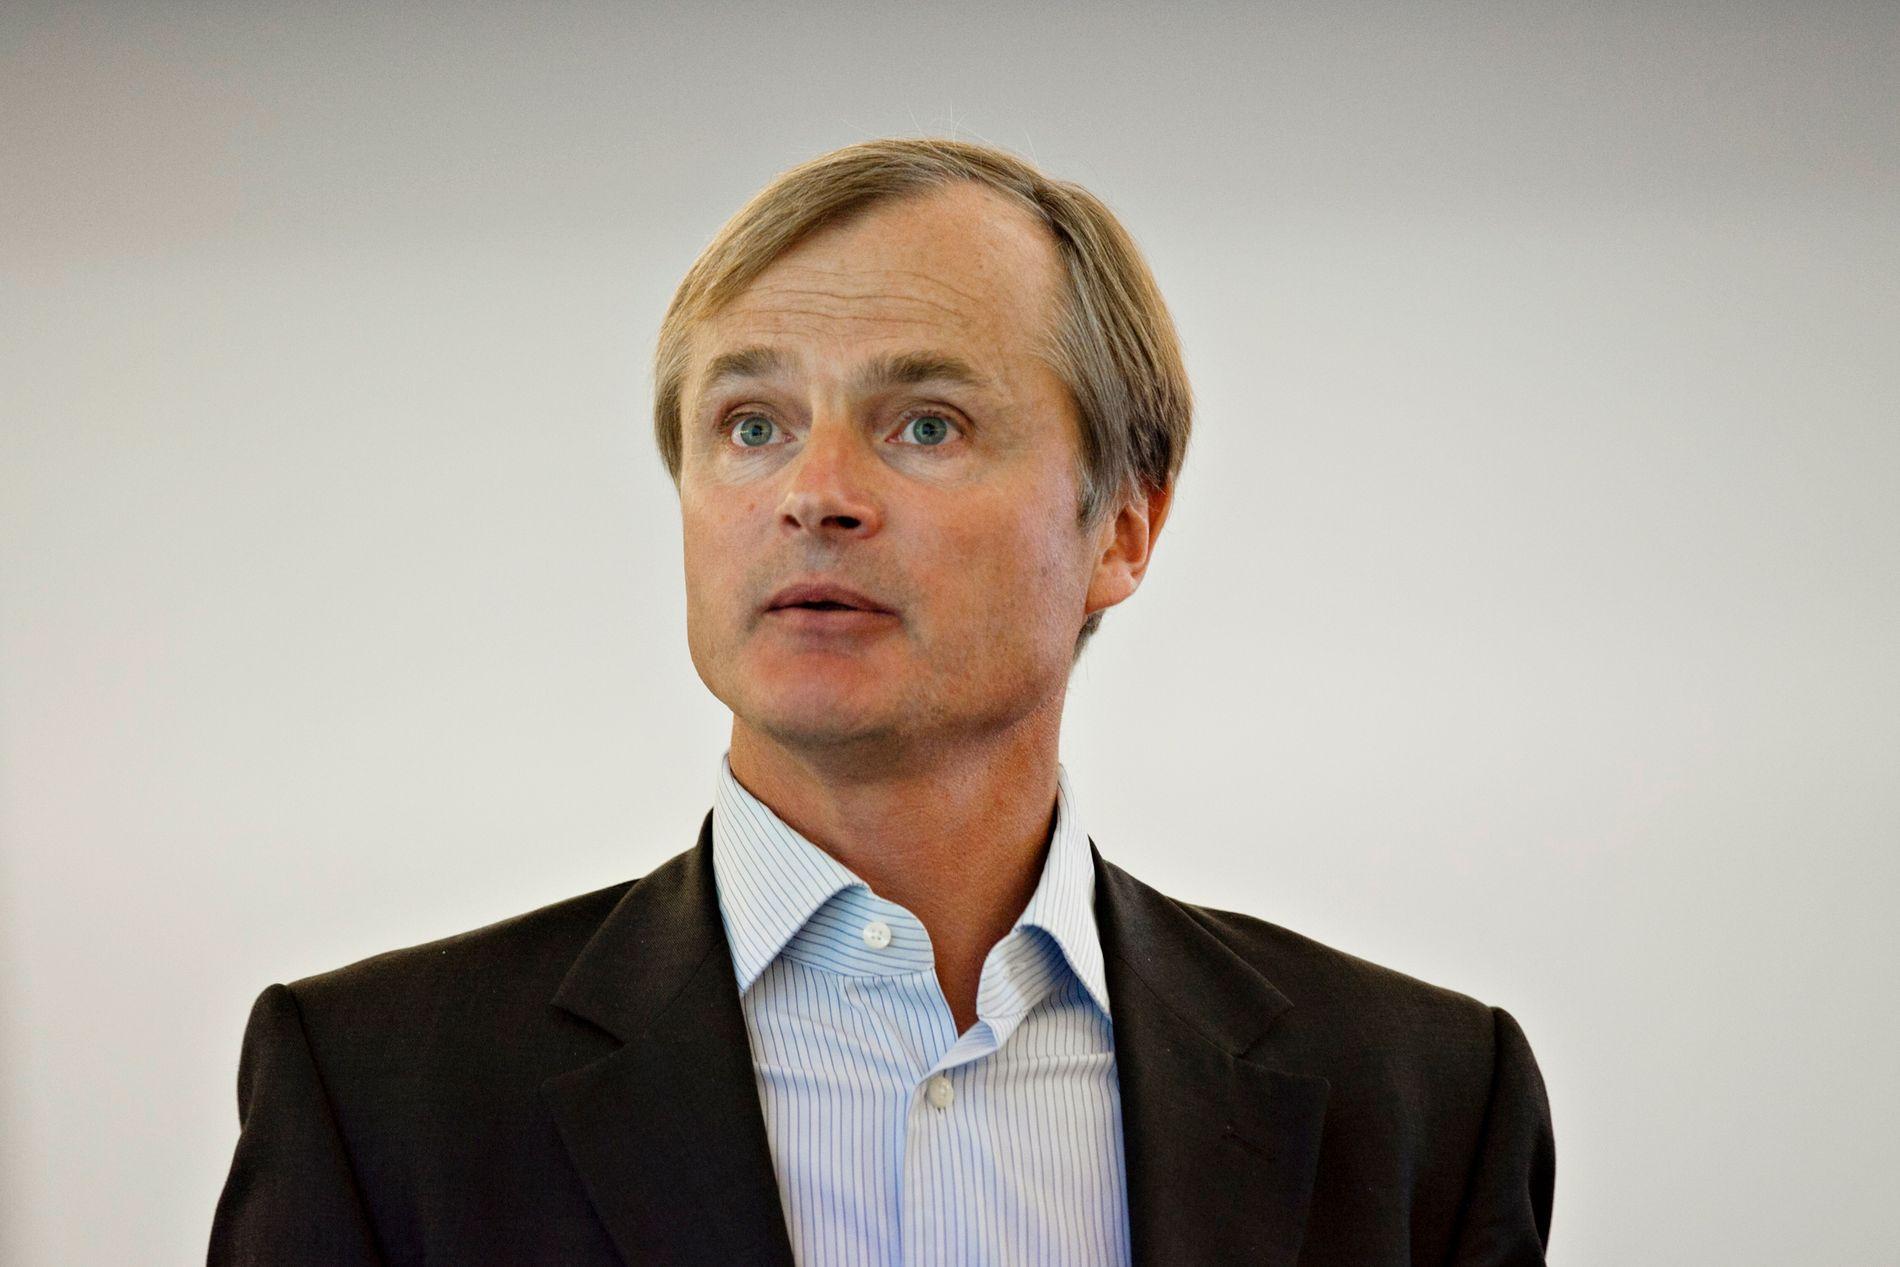 REPRESENTERER FOLKET: Øystein Stray Spetalen representerer allmennheten i Pressens Faglige Utvalg.